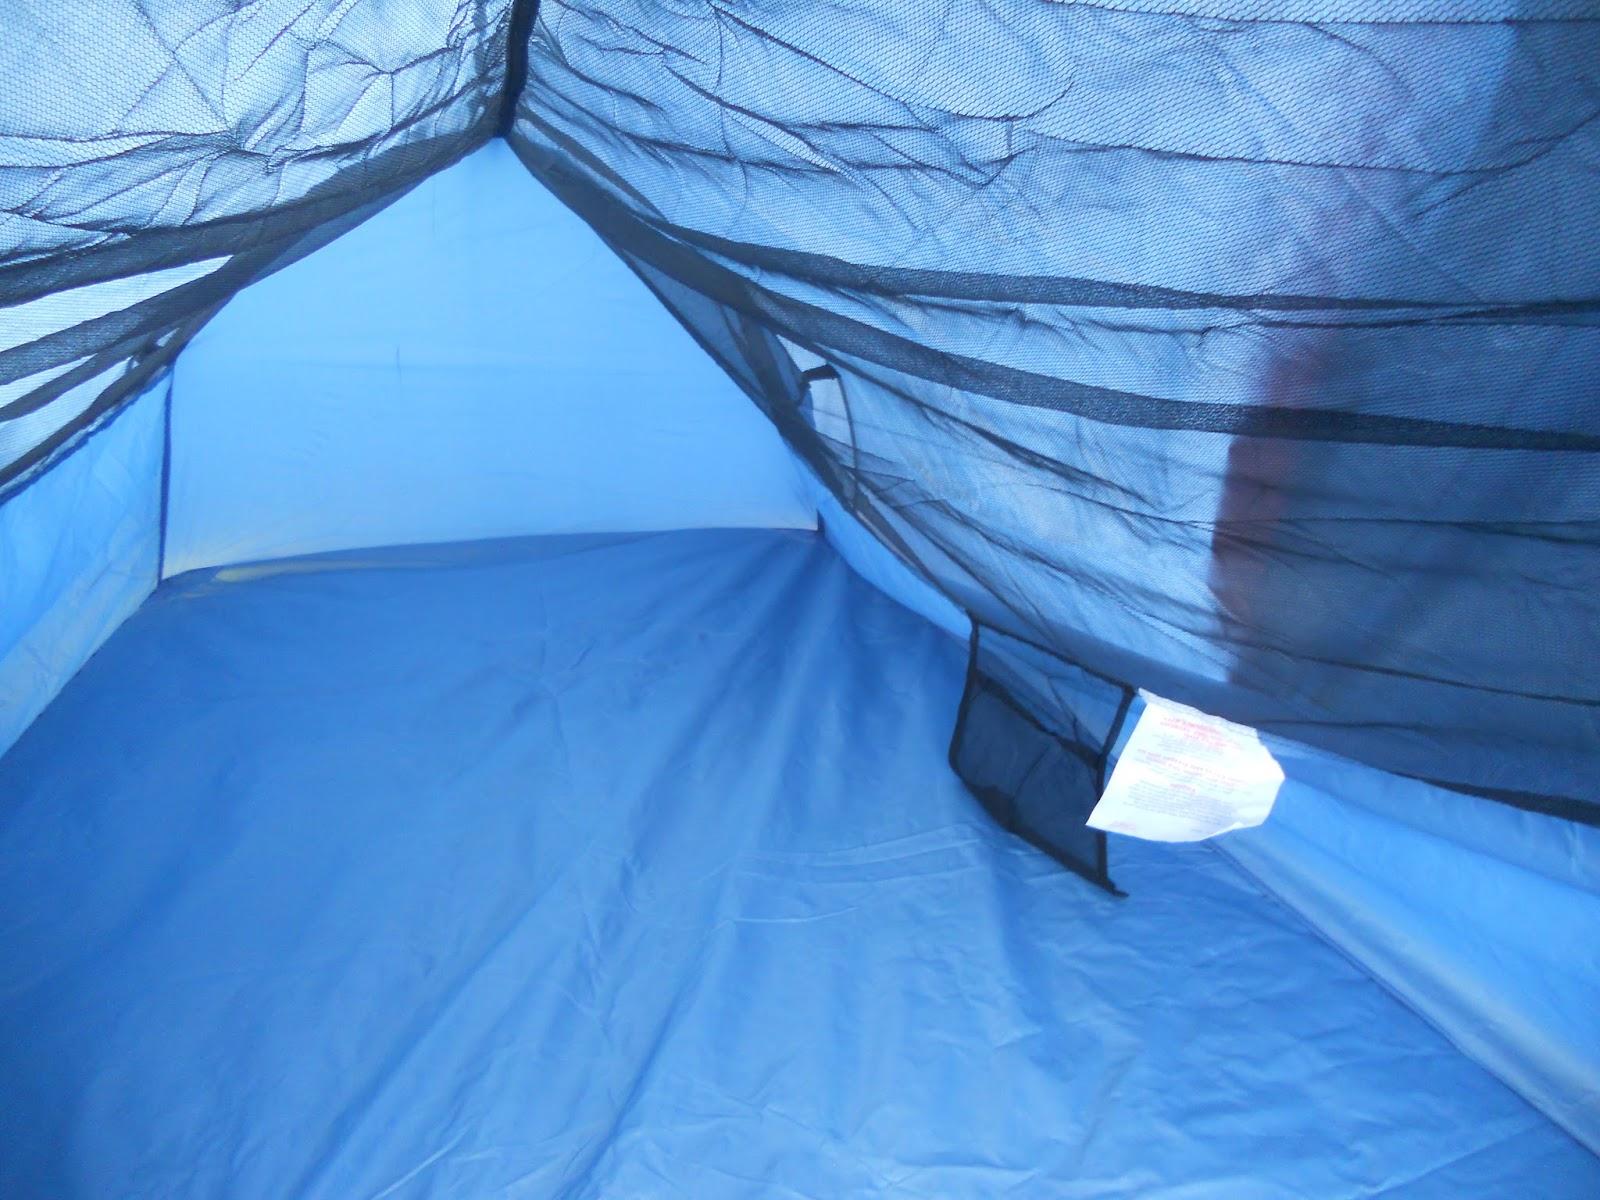 Texsport Saguaro Bivy Shelter Backpacking Tent ONLY $39.95 & Texsport Saguaro Bivy Shelter Tent: Texsport Saguaro Bivy Shelter ...